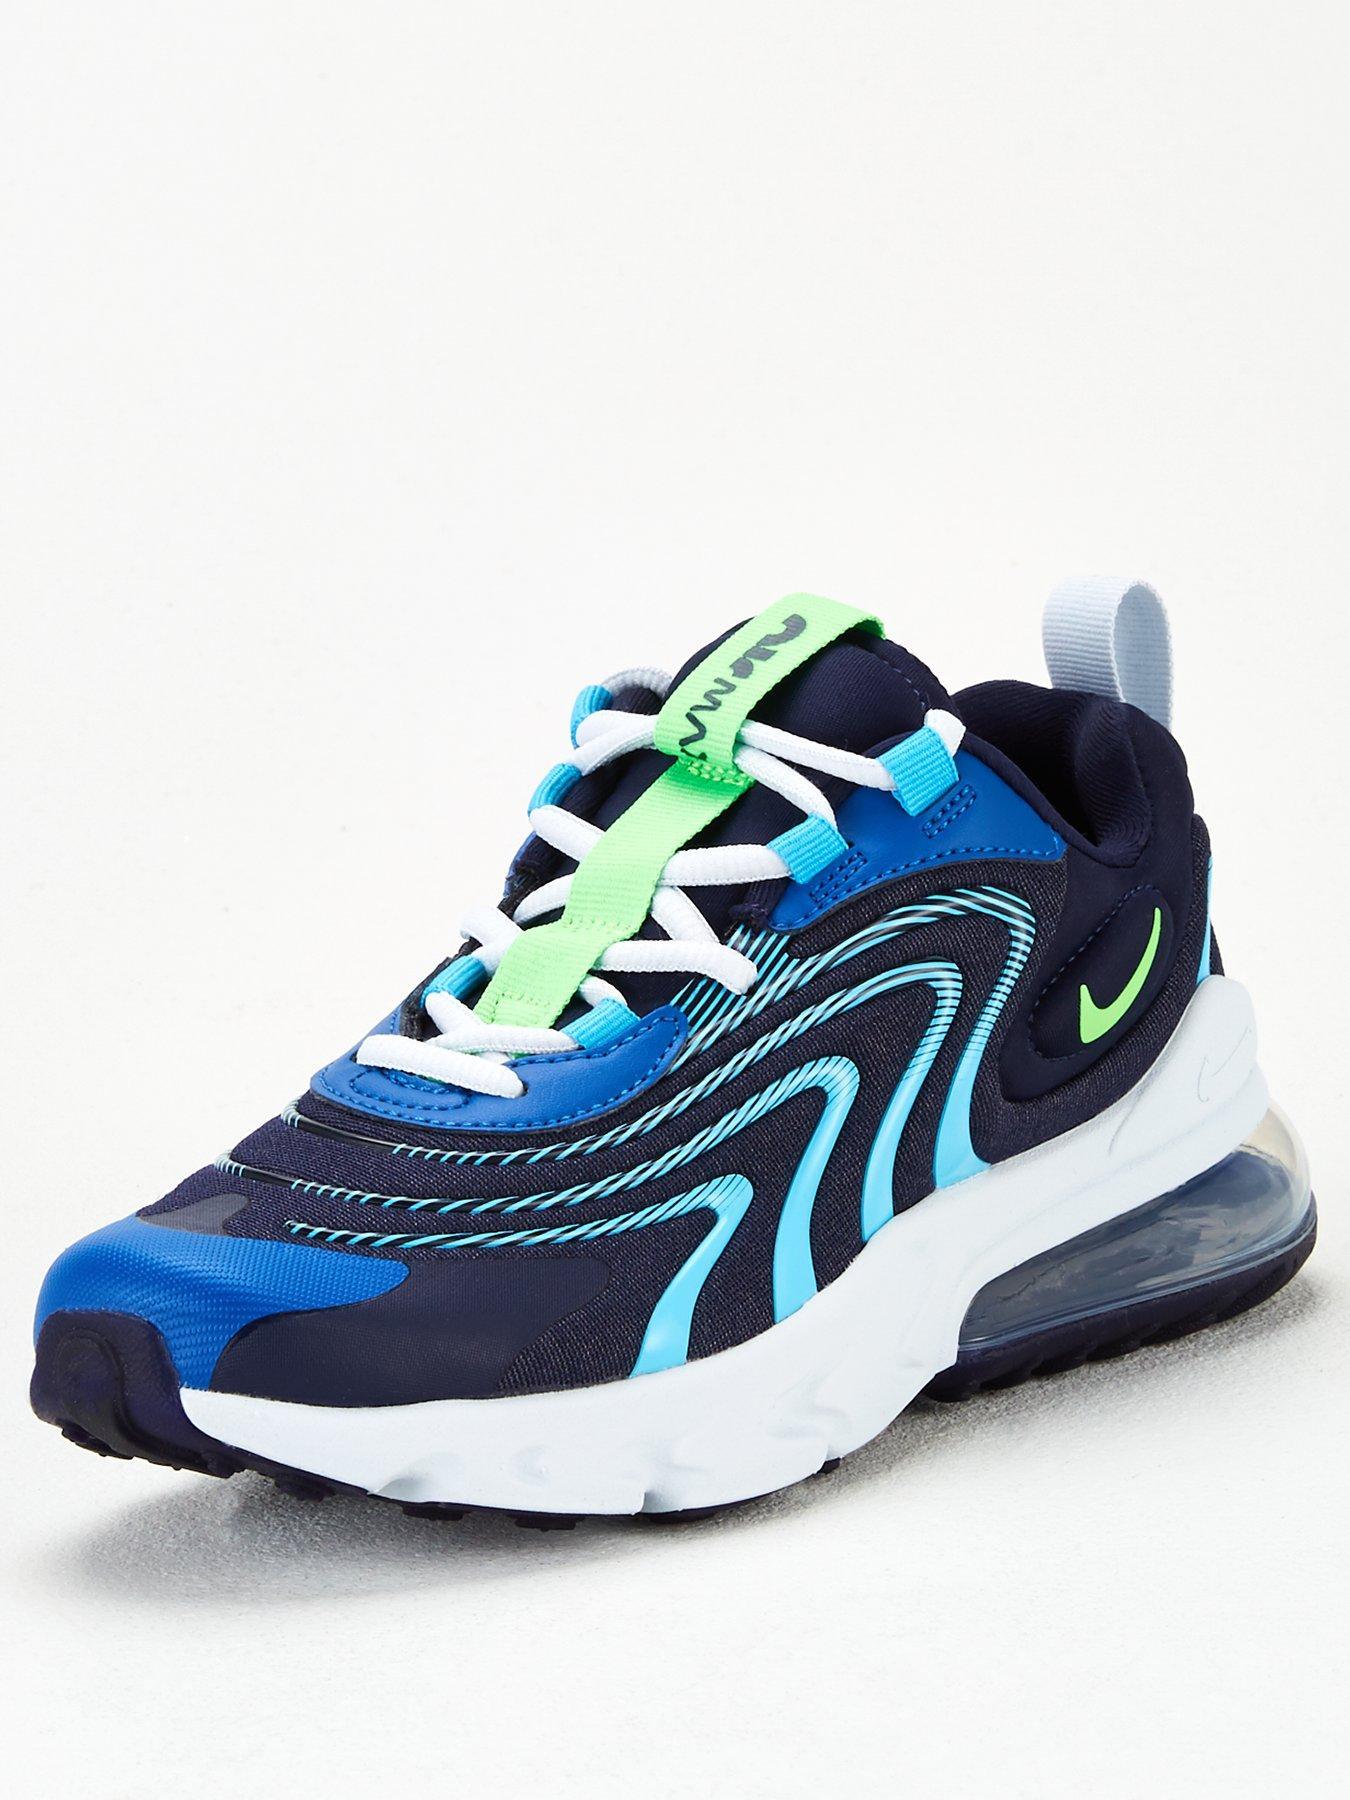 Nike Air Max 270 | Kids \u0026 baby sports